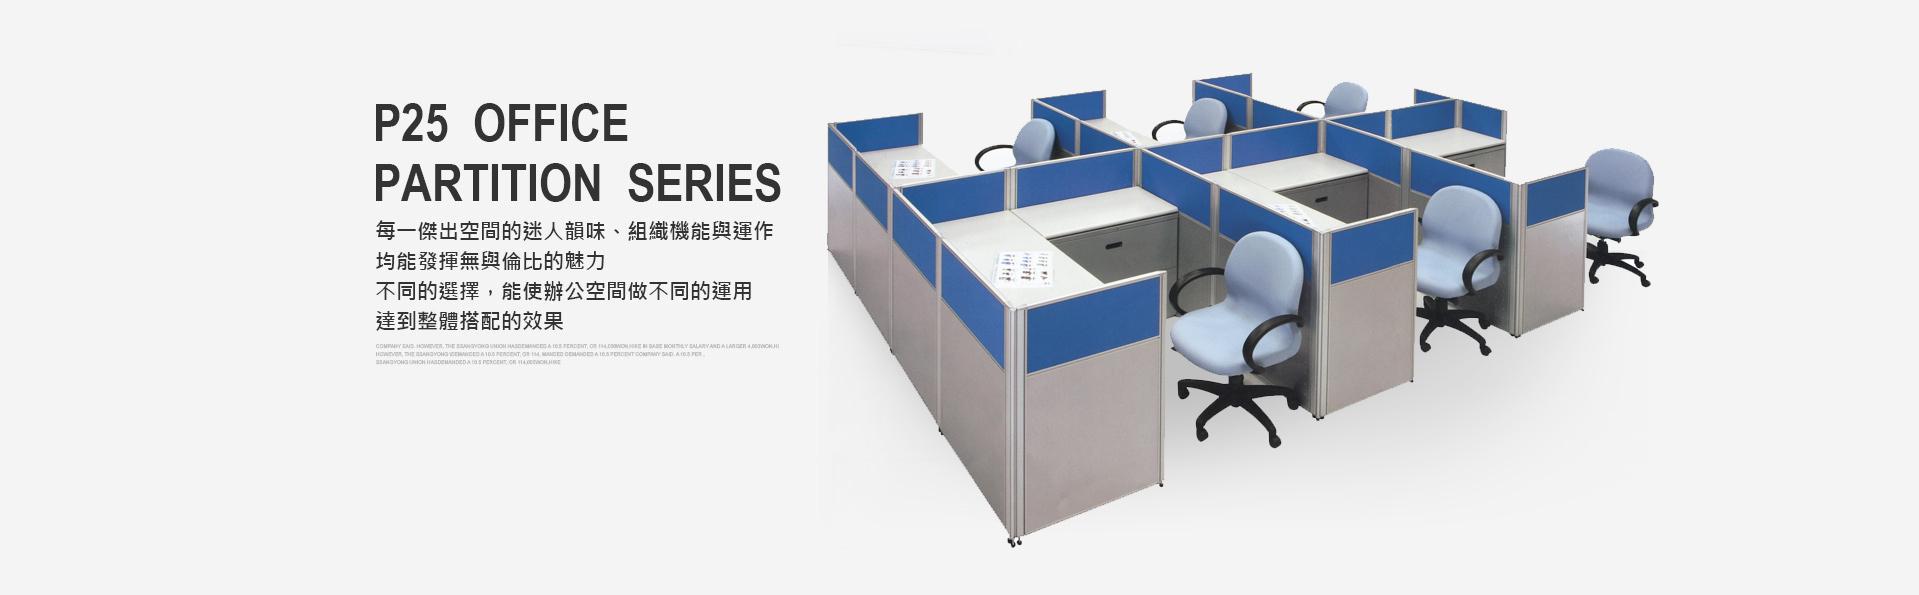 高雄OA辦公家具-標點有限公司-辦公桌工廠直營